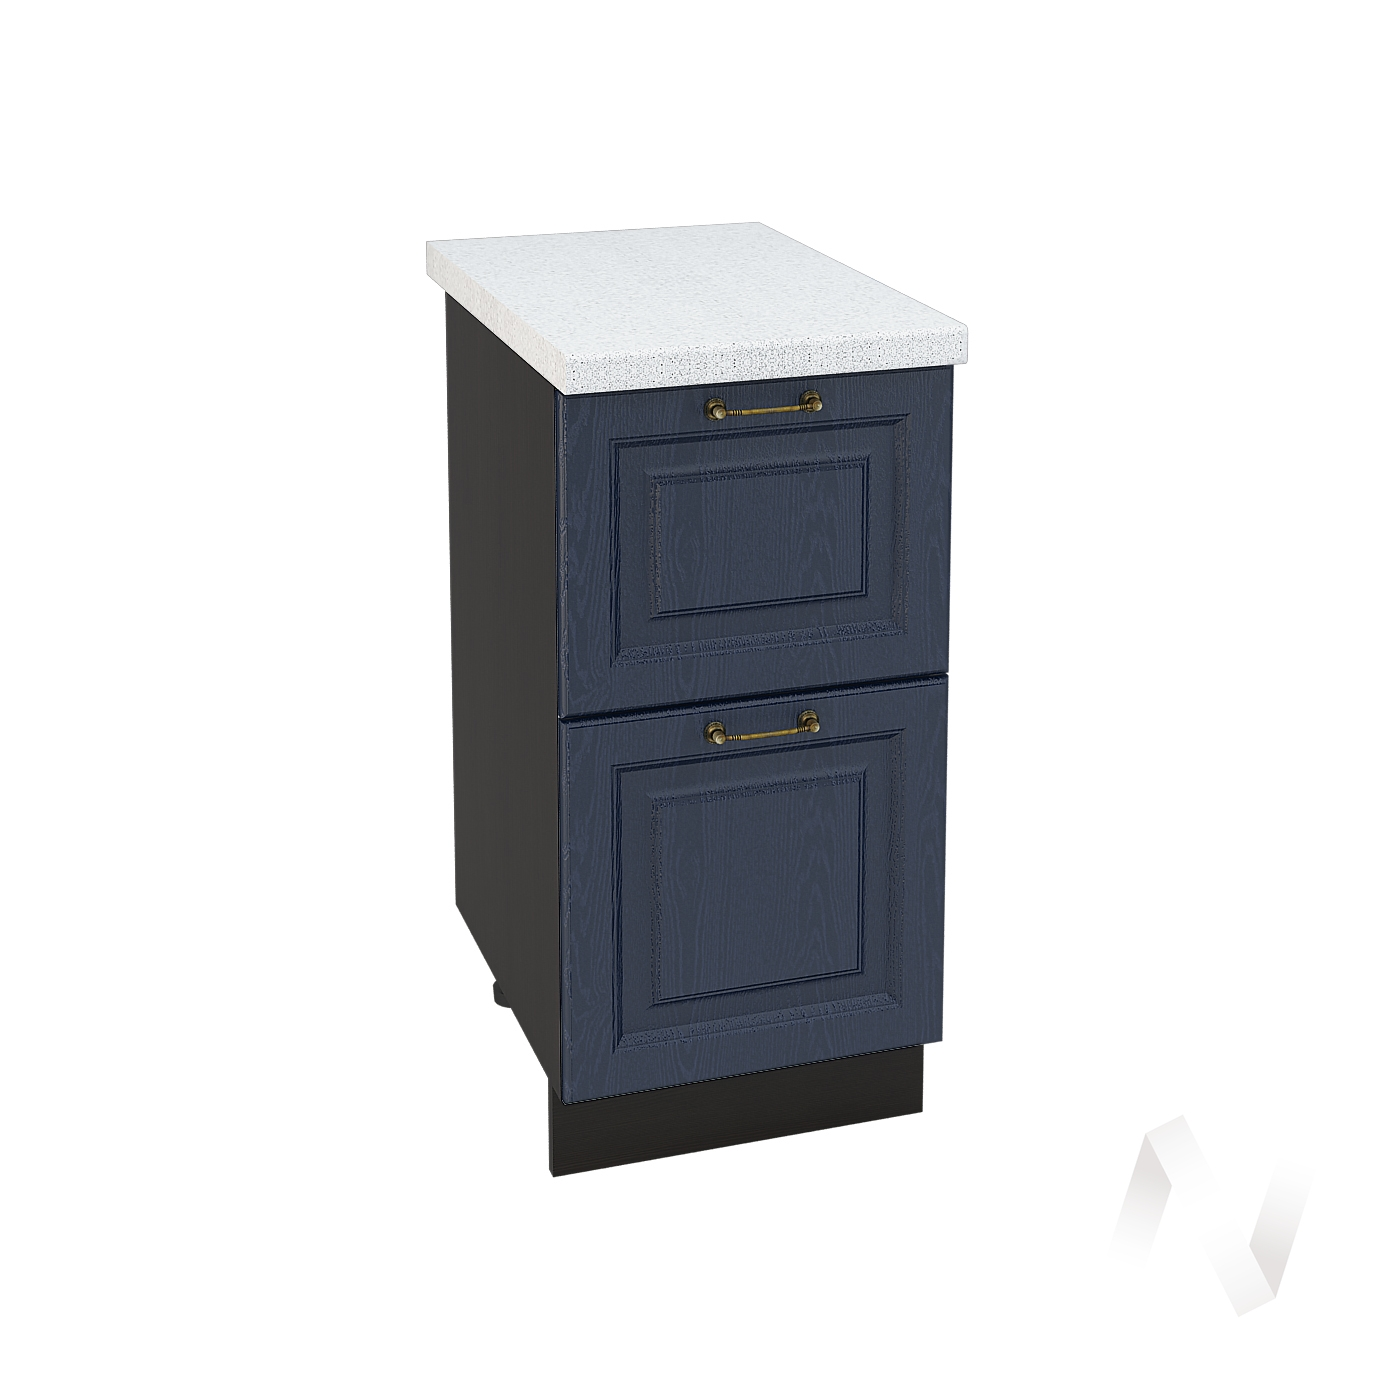 """Кухня """"Ницца"""": Шкаф нижний с 2-мя ящиками 400, ШН2Я 400 (Дуб чернильный/корпус венге)"""